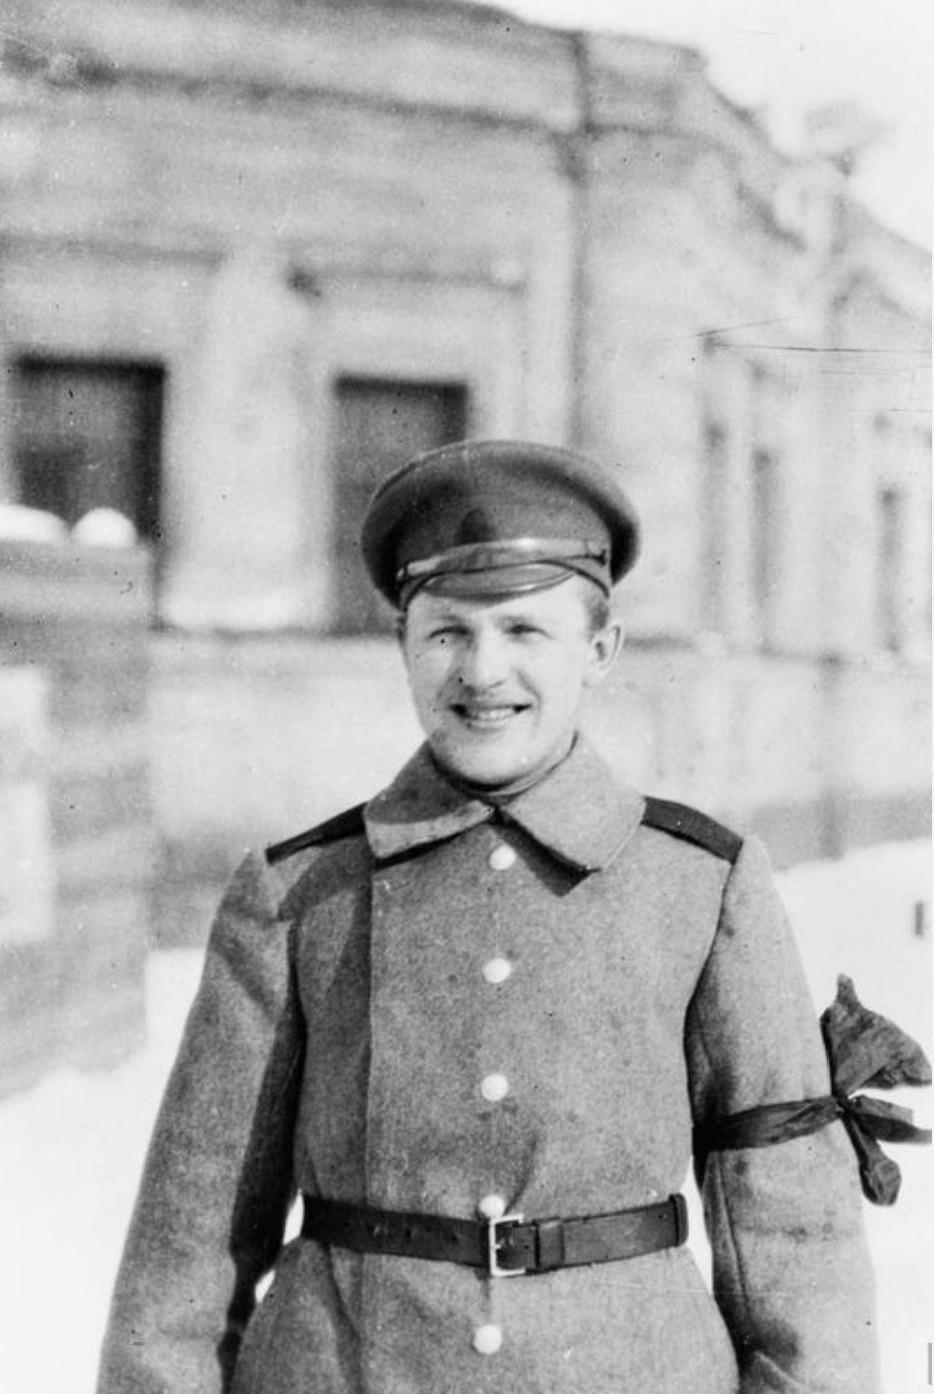 Солдат с красной повязкой на рукаве